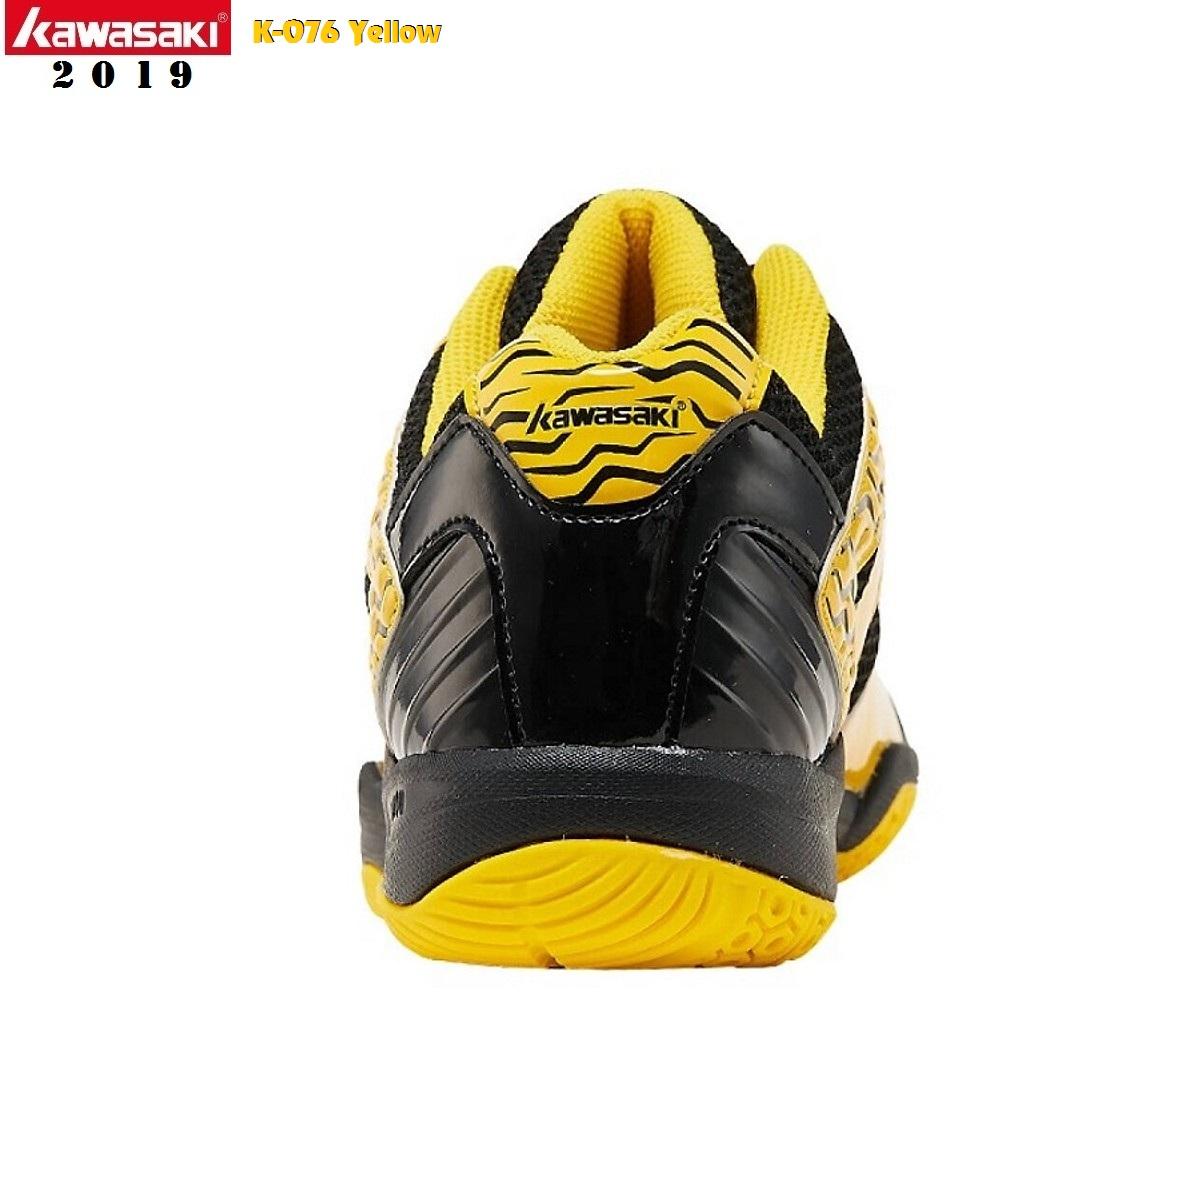 Kết quả hình ảnh cho giày kawasaki 076 vàng